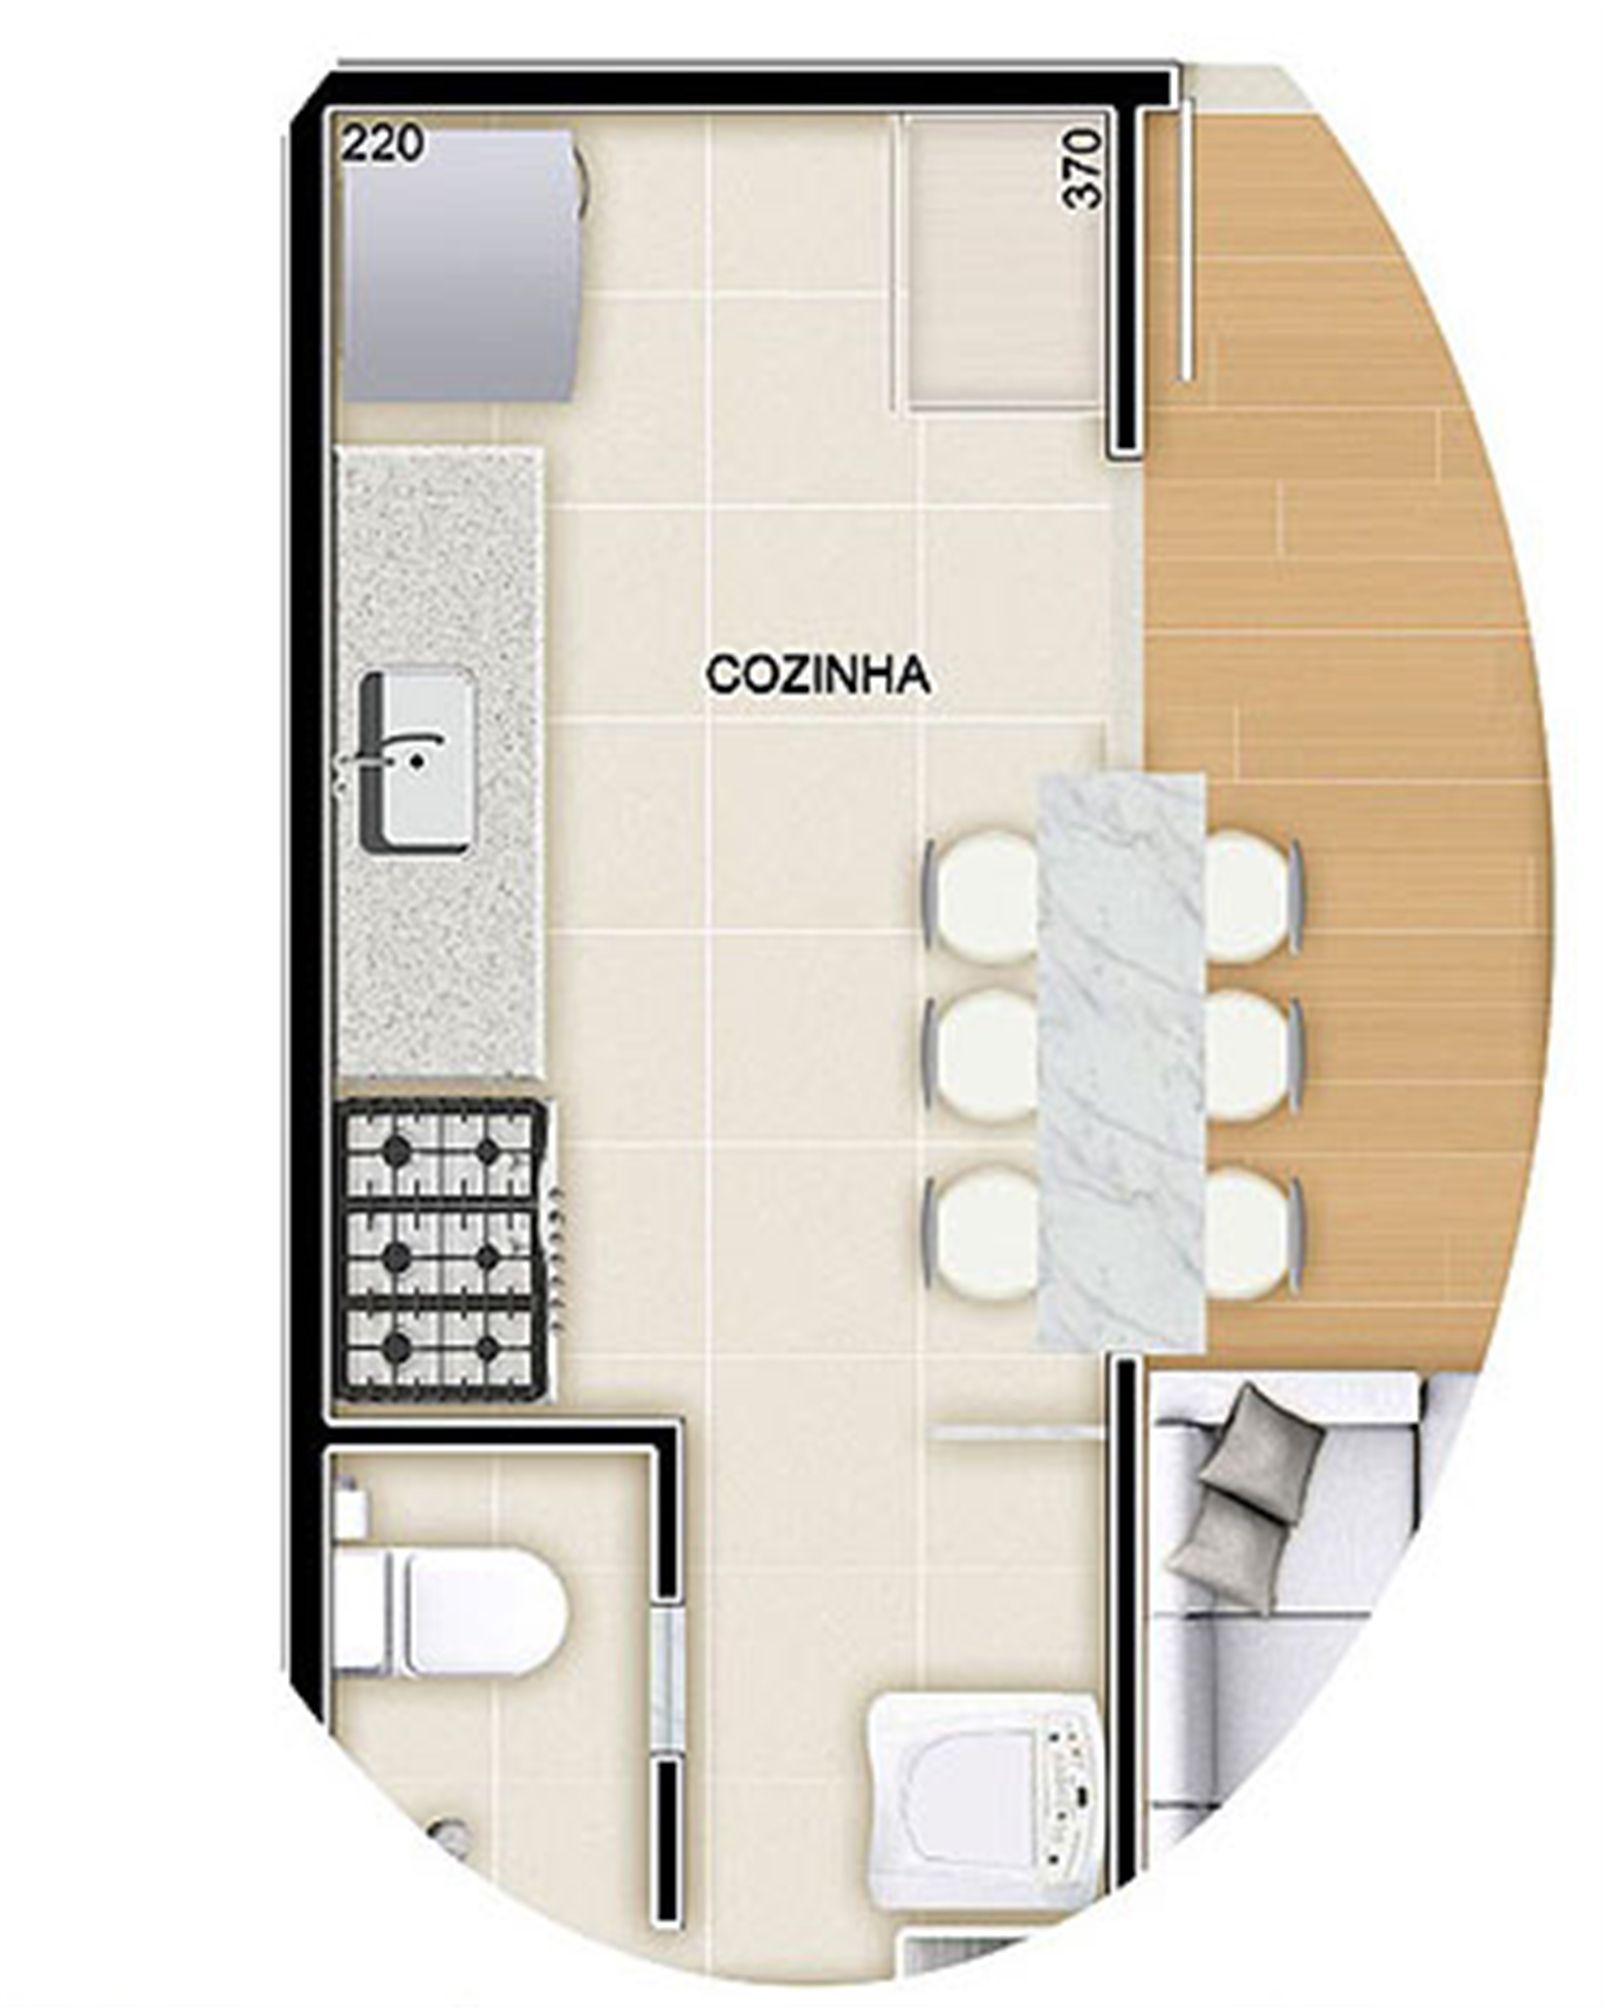 Torres 2 e 3 - 3 Quartos - 90 m² - Planta opção - Cozinha Americana | Reserva Verde Residencial Park – Apartamentoem  Laranjeiras - Serra - Espírito Santo